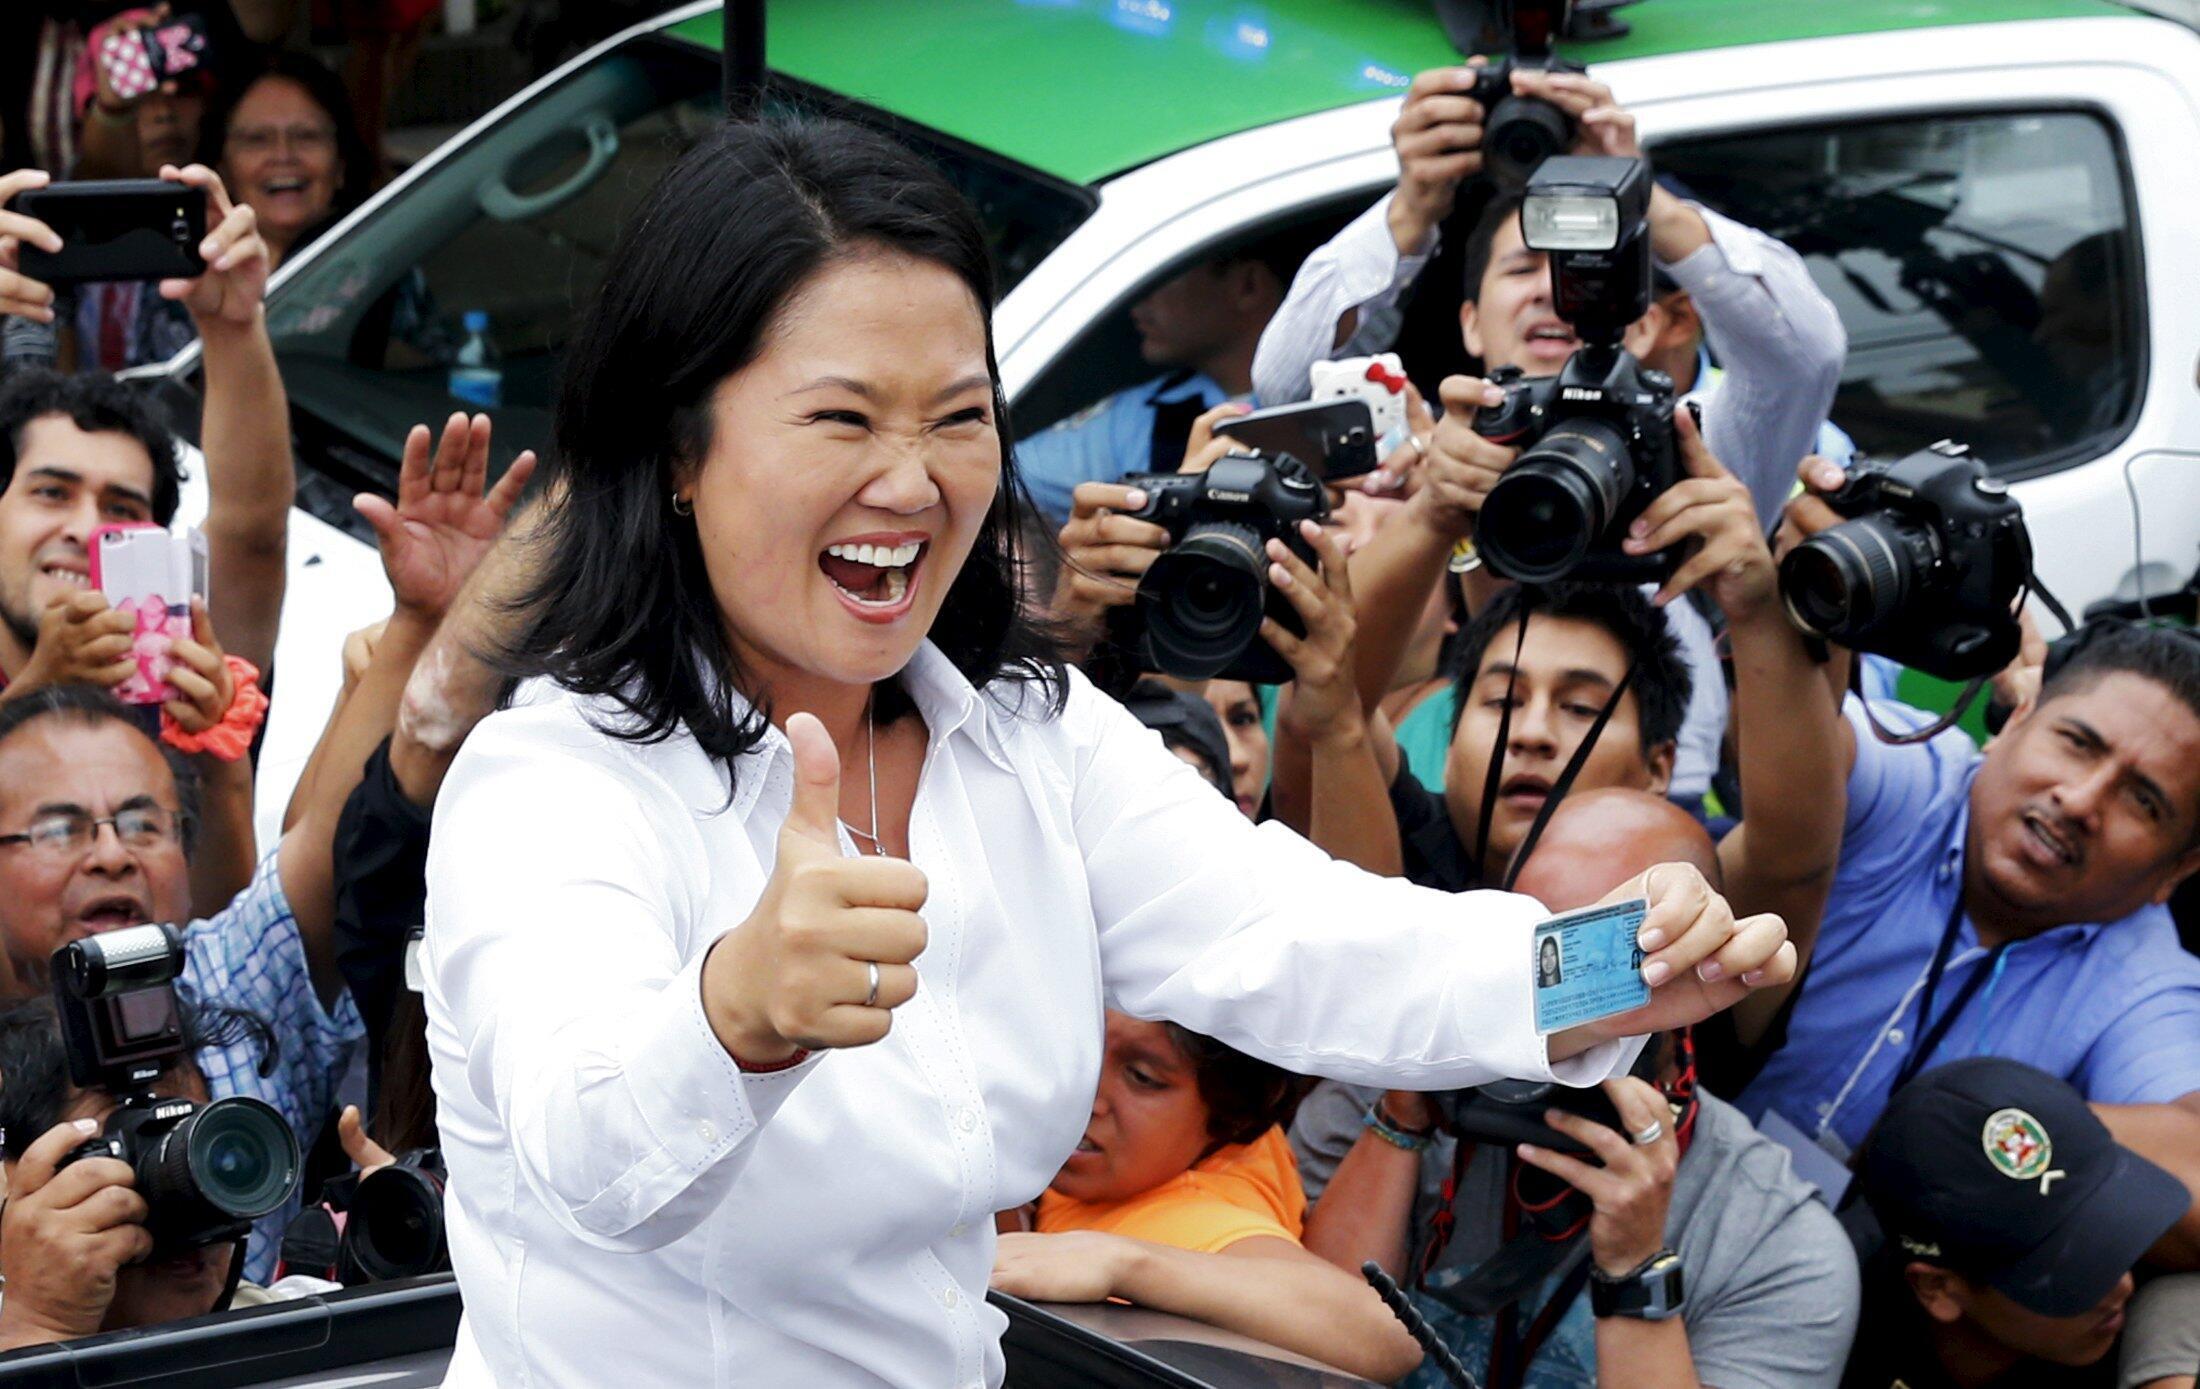 Ứng viên Keiko Fujimori sau khi bỏ phiếu ngày 10/04/2016 tại Lima.